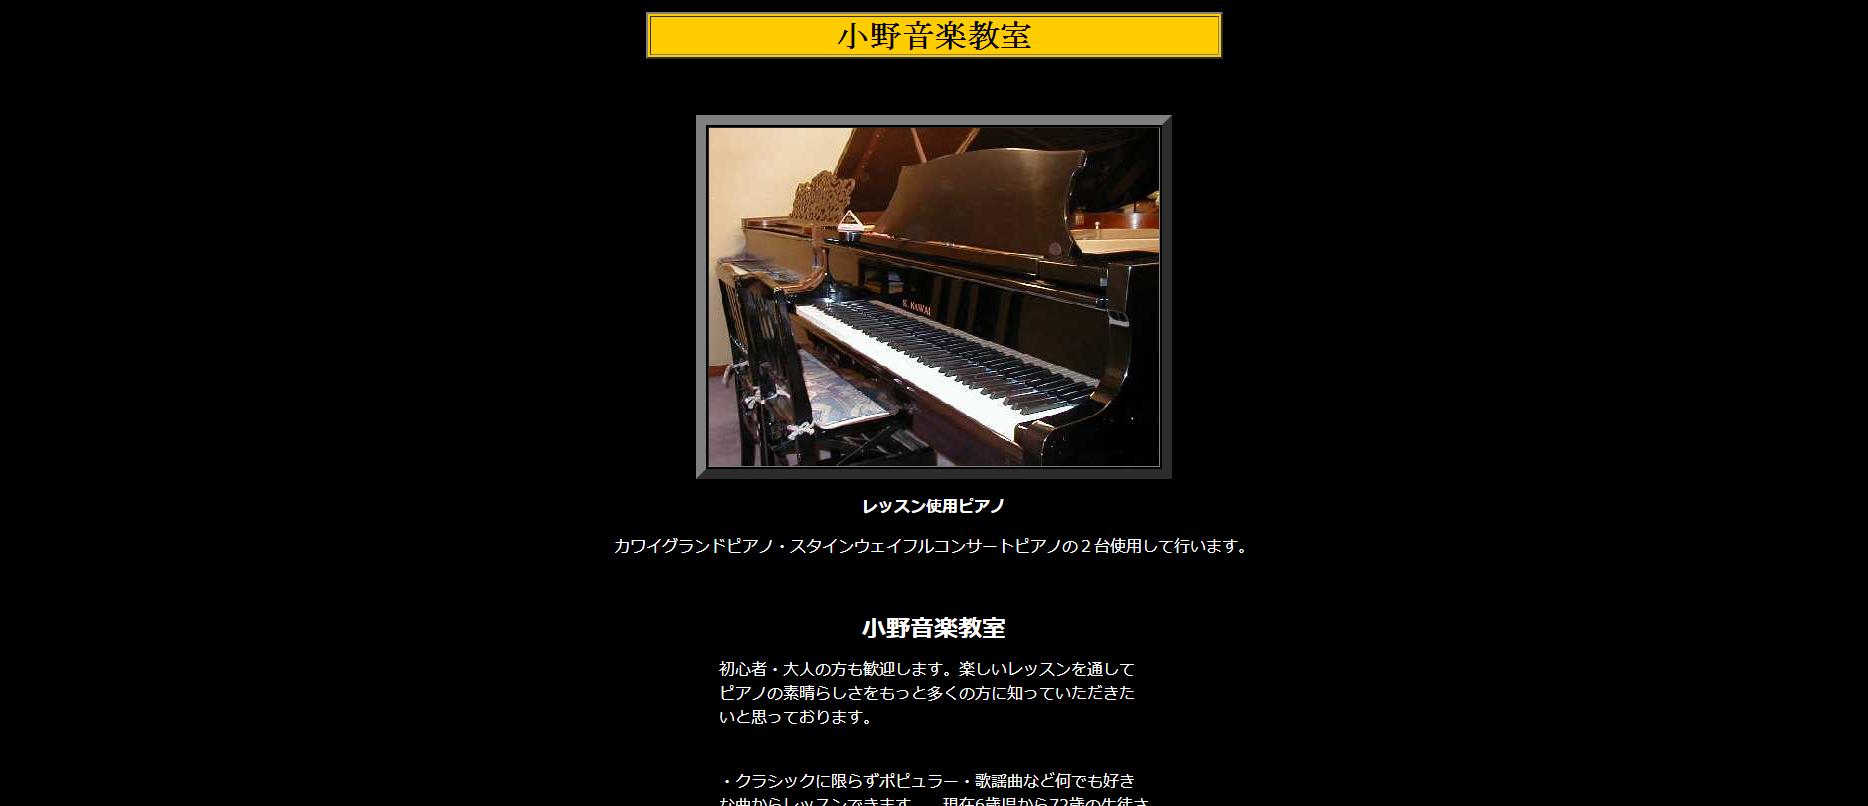 小野音楽教室のサムネイル